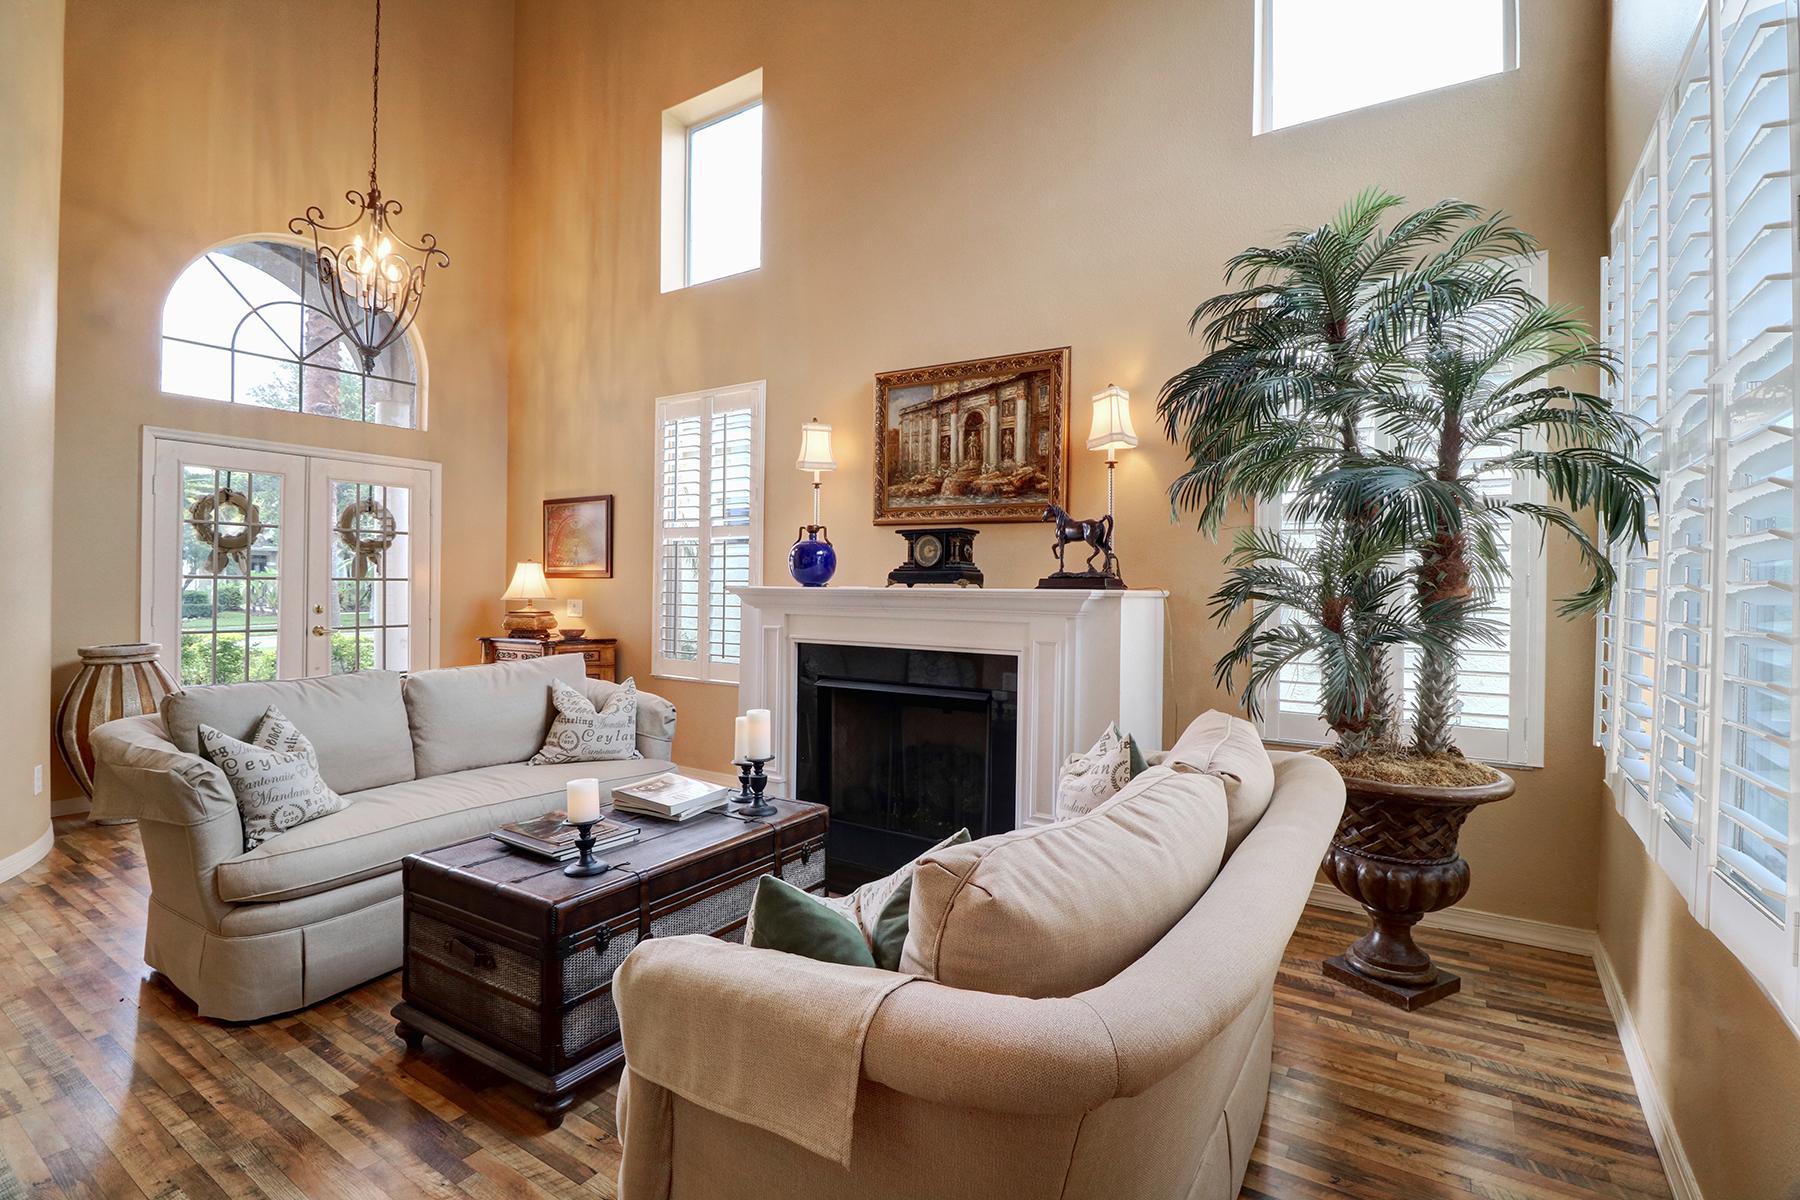 独户住宅 为 销售 在 WESTCHASE 9601 Greenpointe Dr 坦帕市, 佛罗里达州, 33626 美国